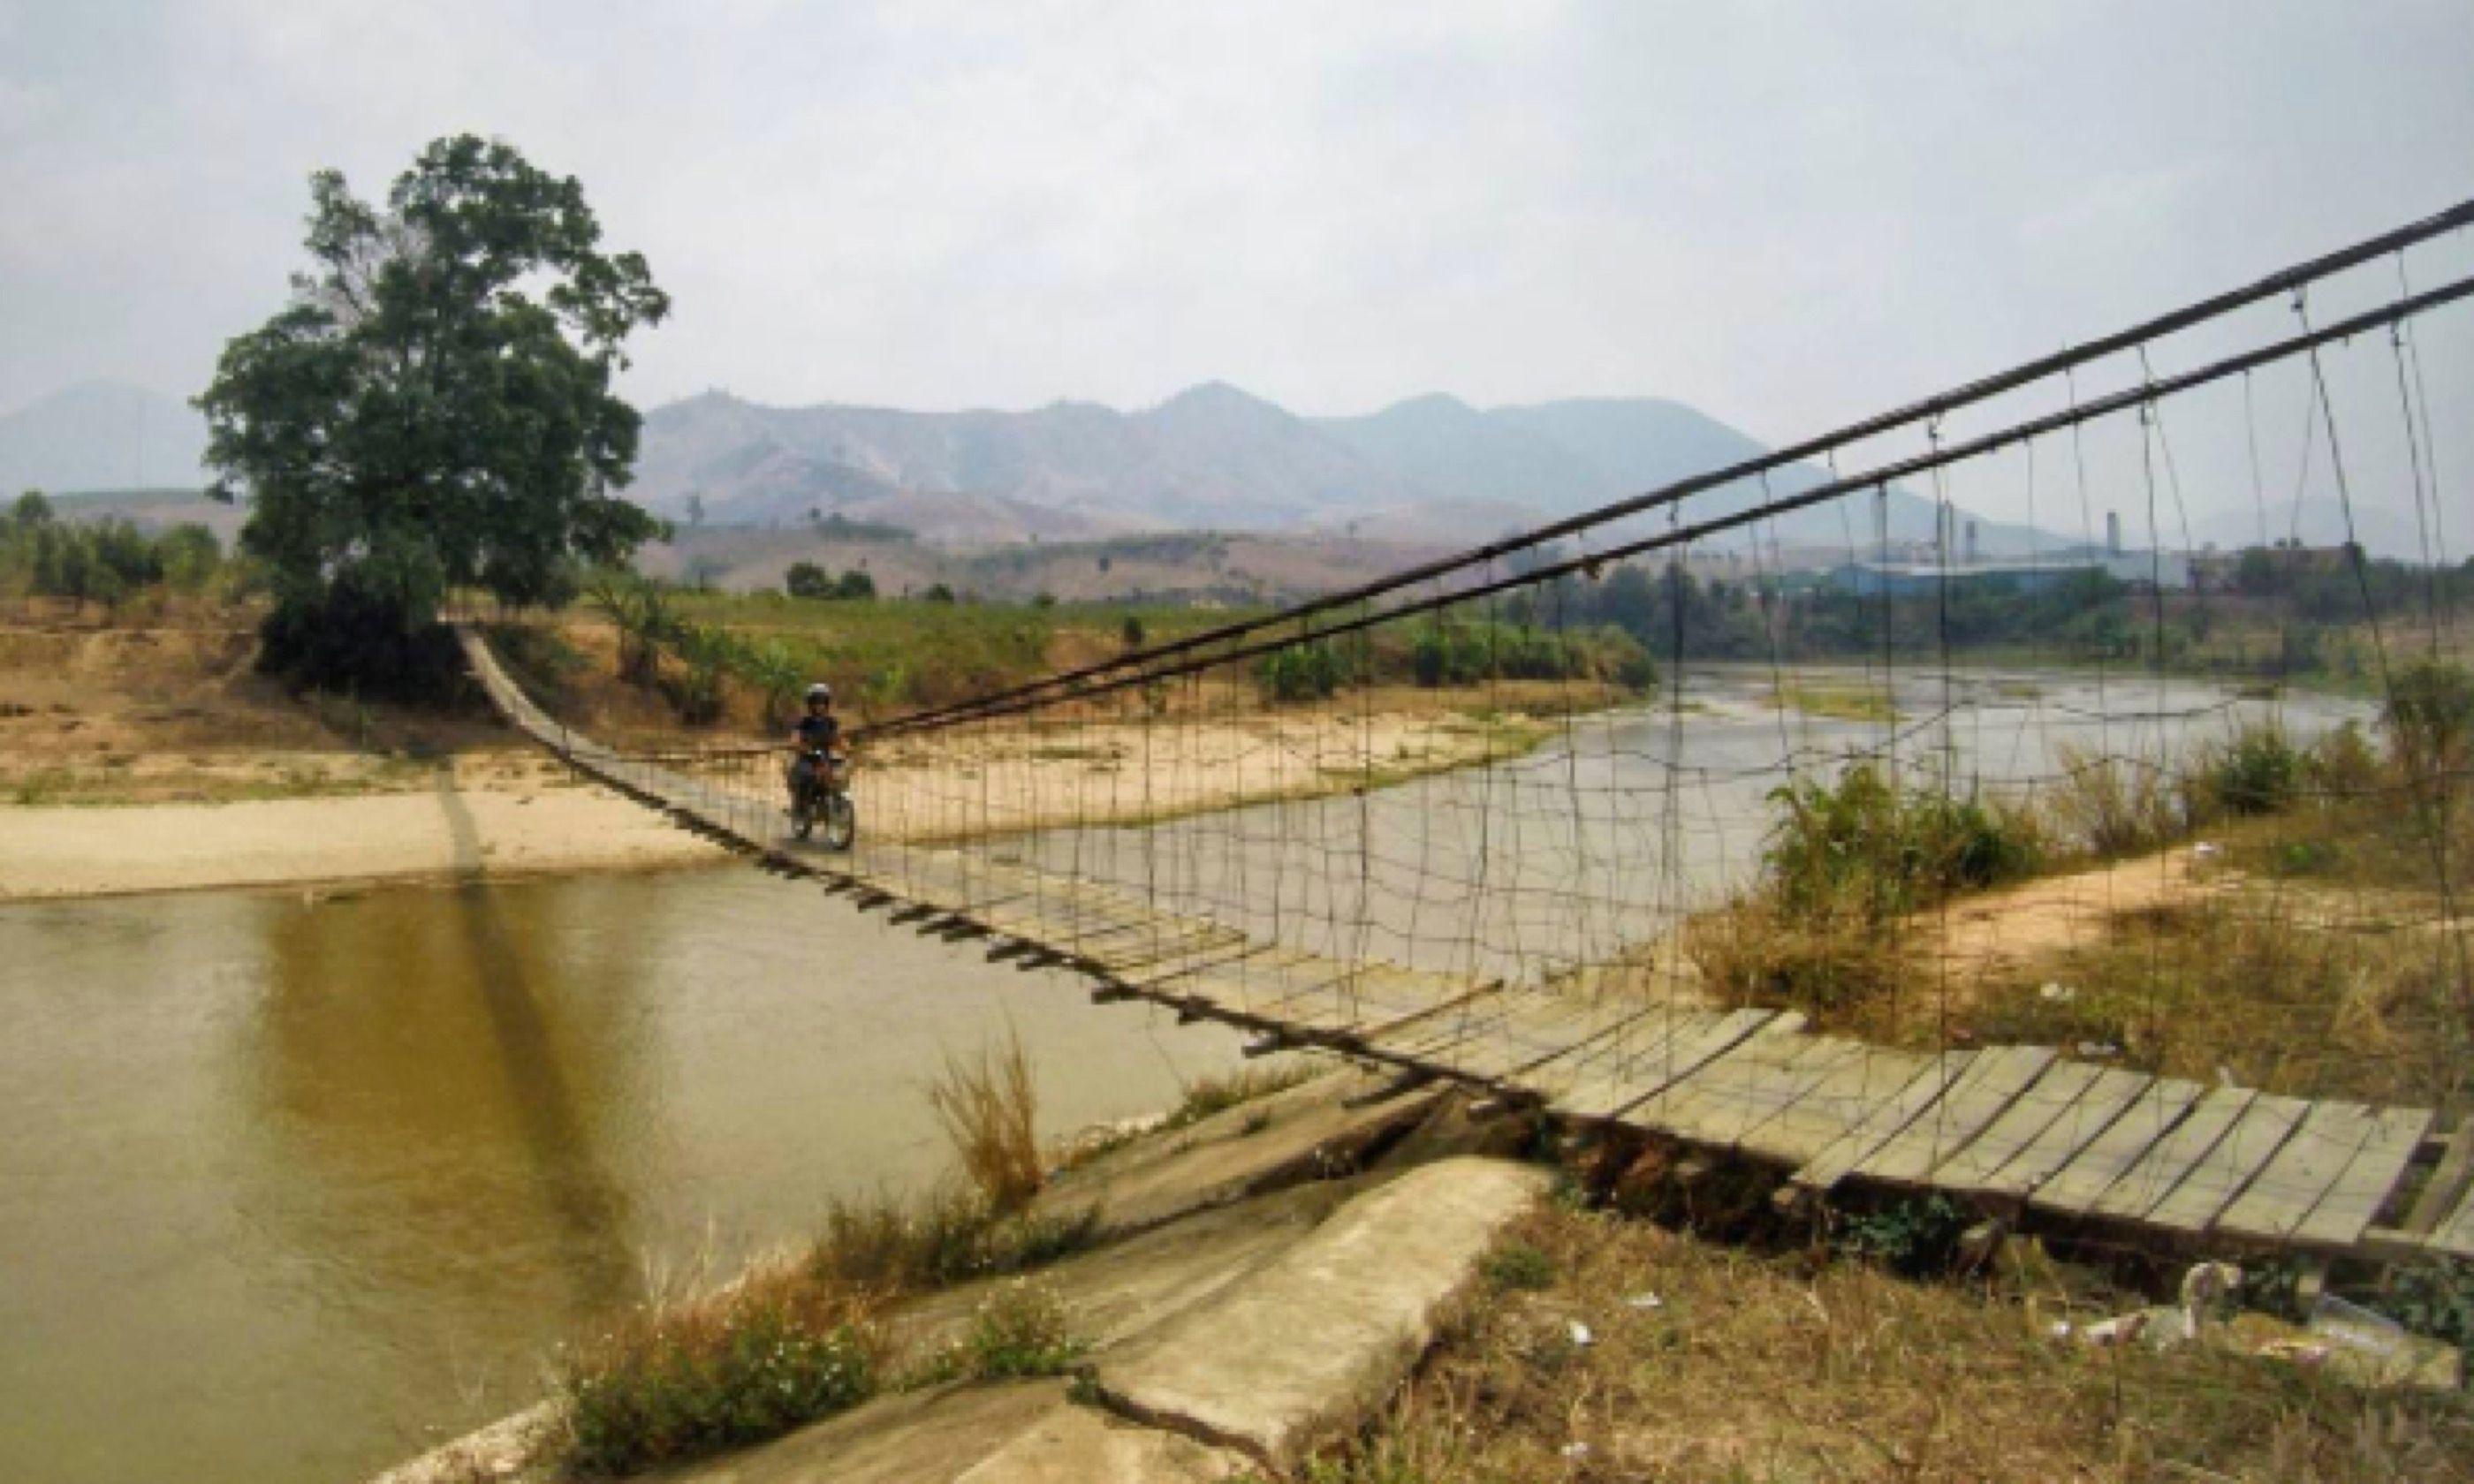 Rope bridge in northern Vietnam You will get muddy! (Jacob Laukaitis)